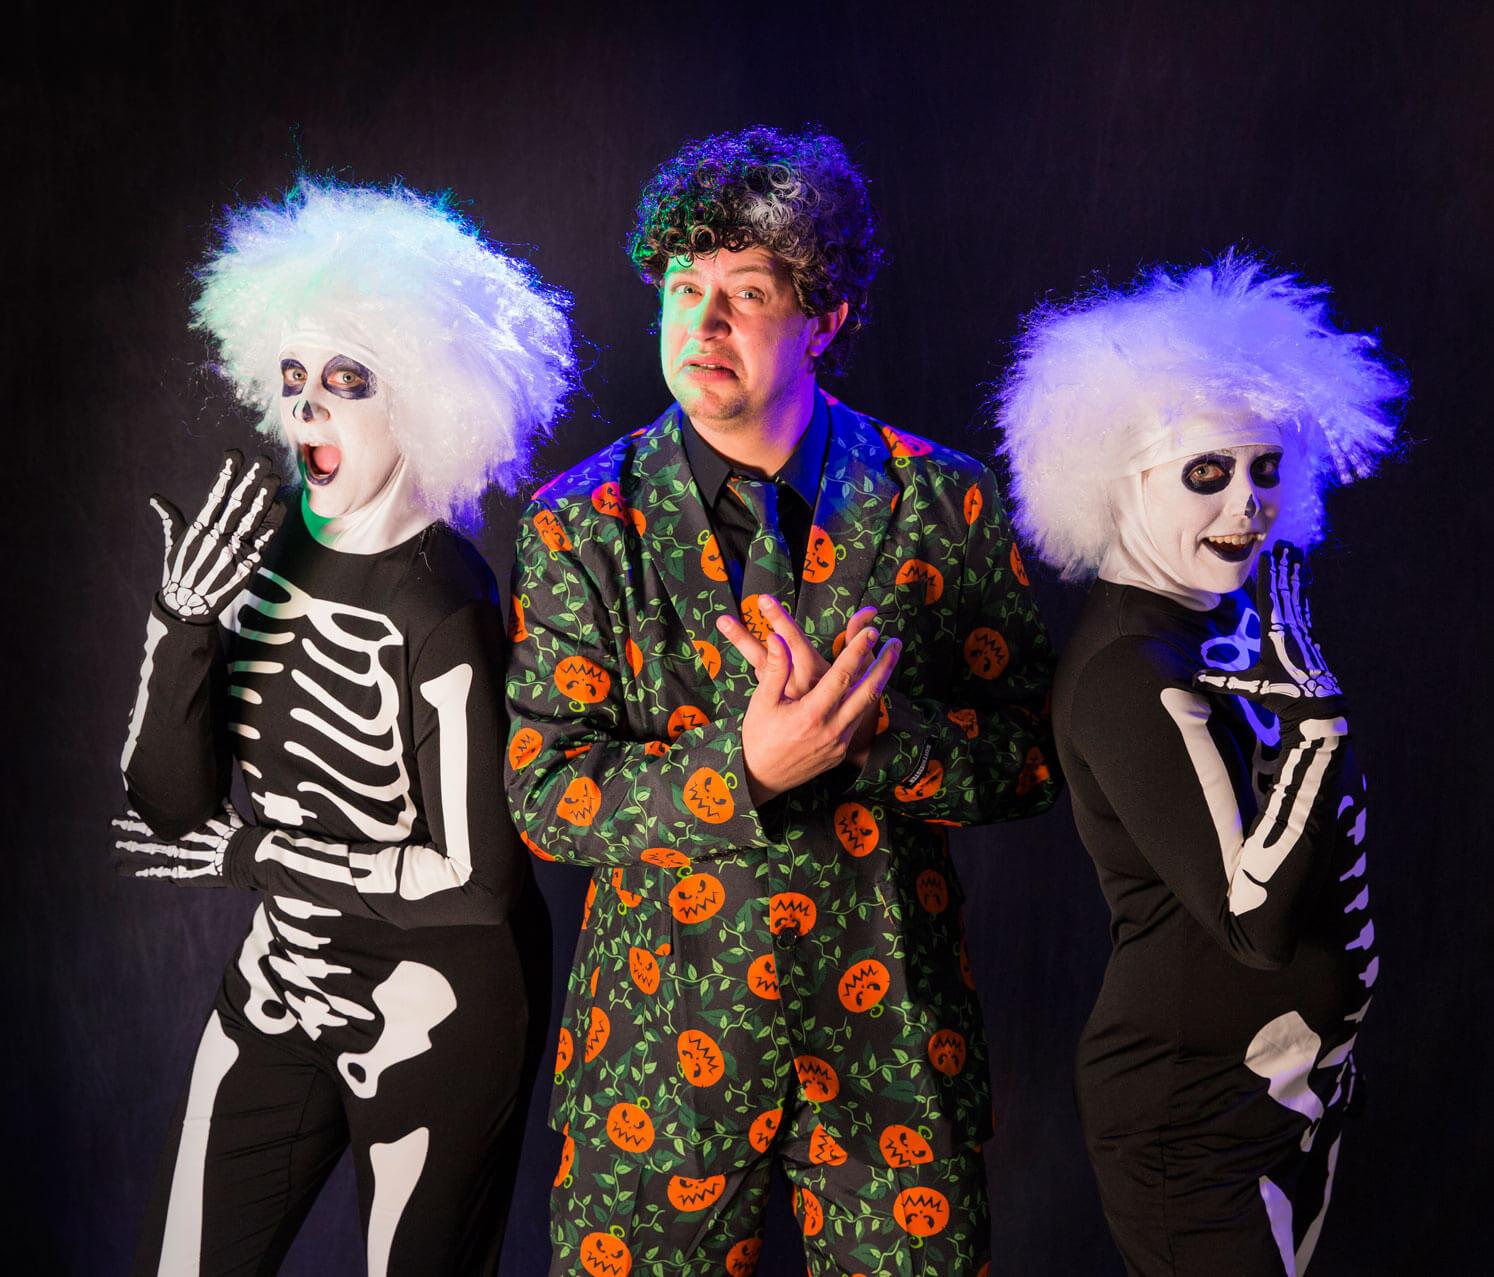 Diy david pumpkins halloween costume halloween costumes blog im david pumpkins solutioingenieria Images